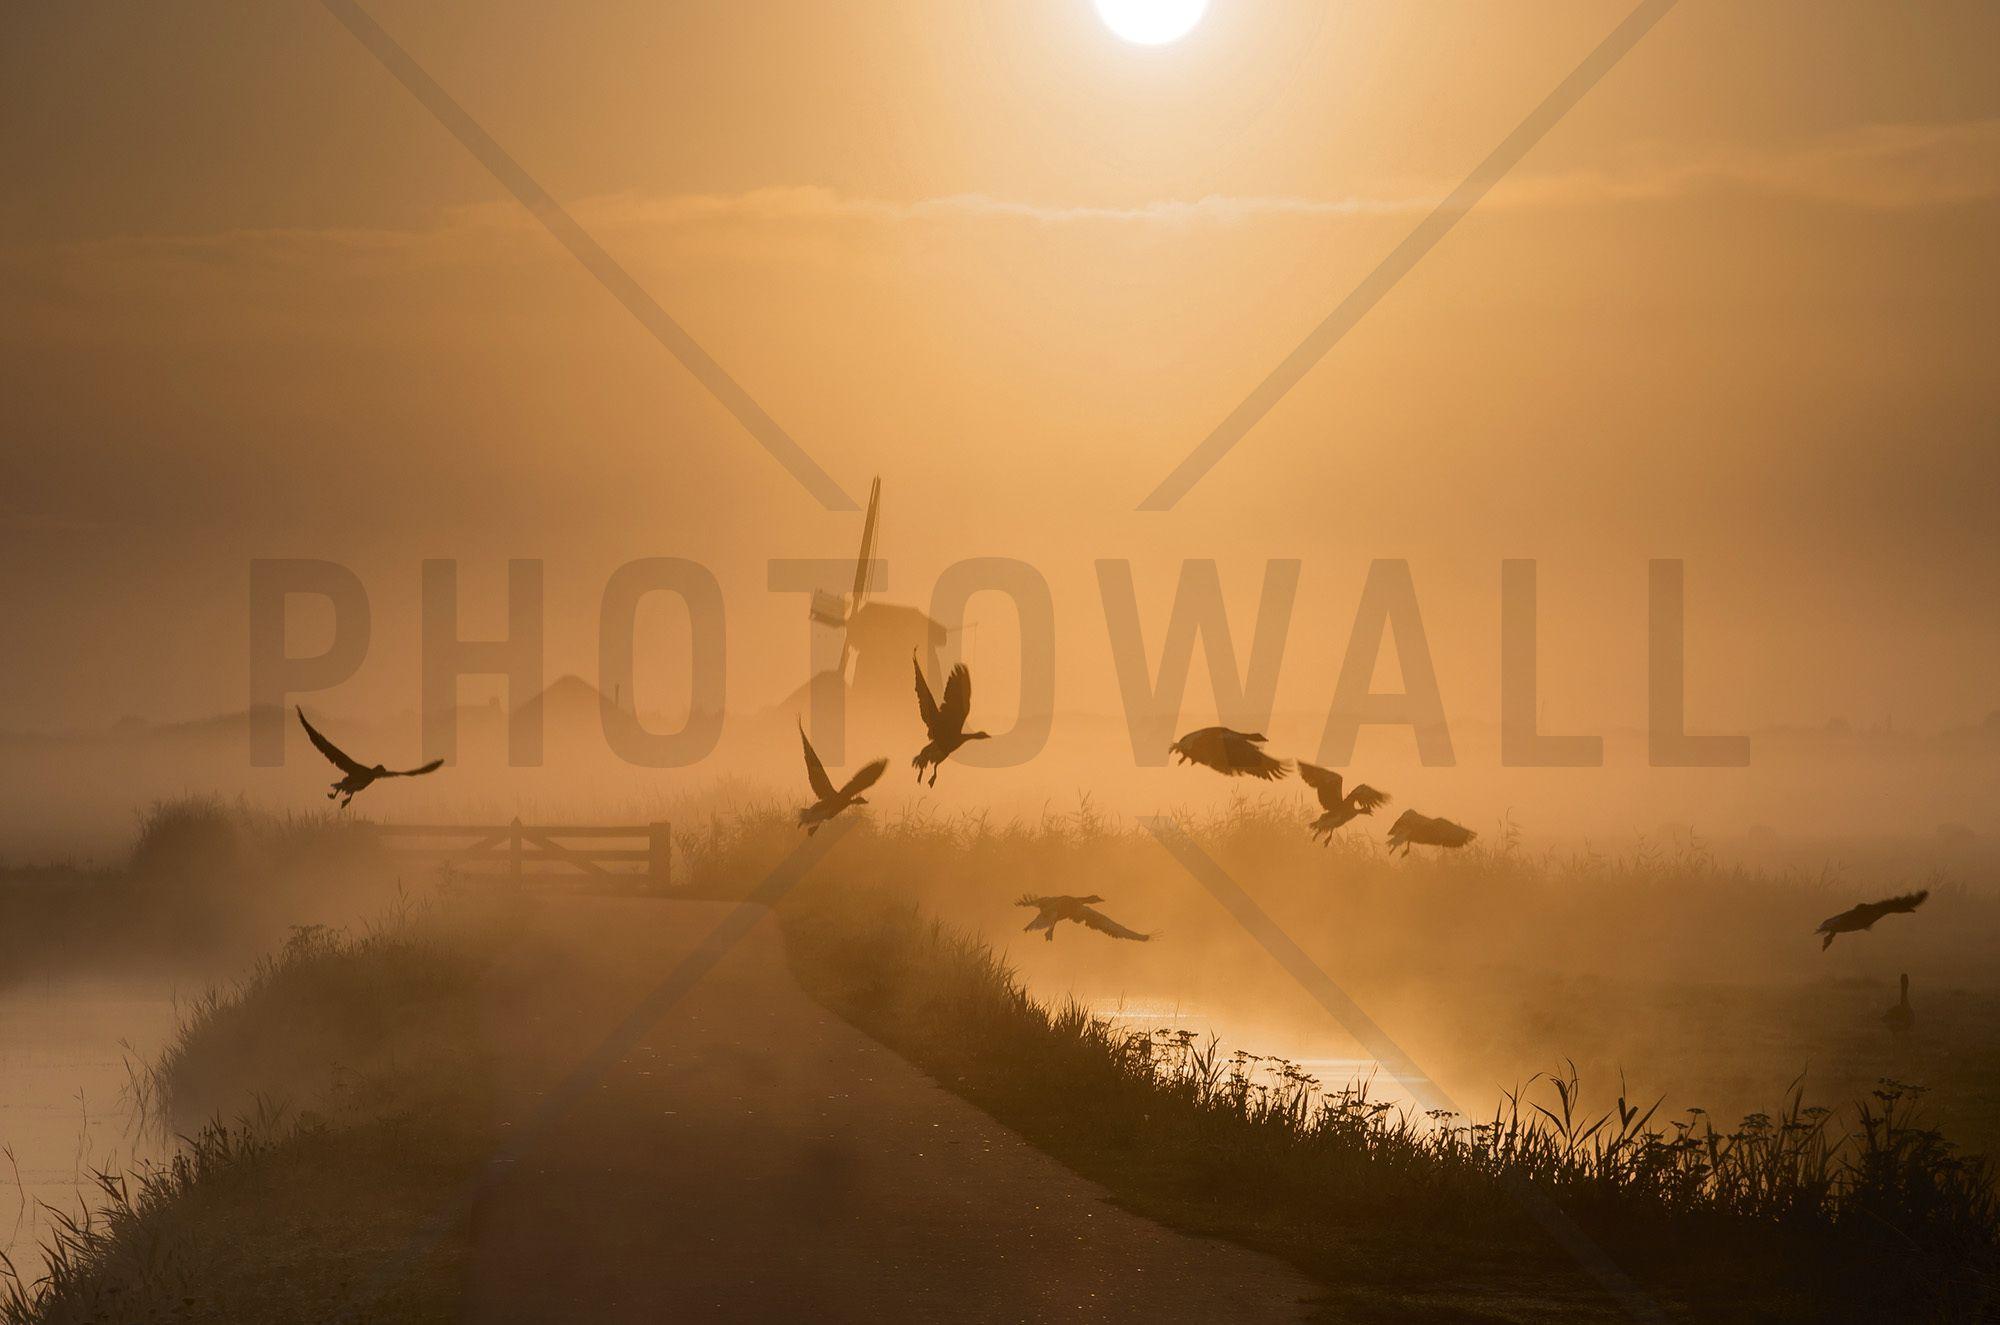 Sunrise Flight - Fotobehang & Behang - Photowall